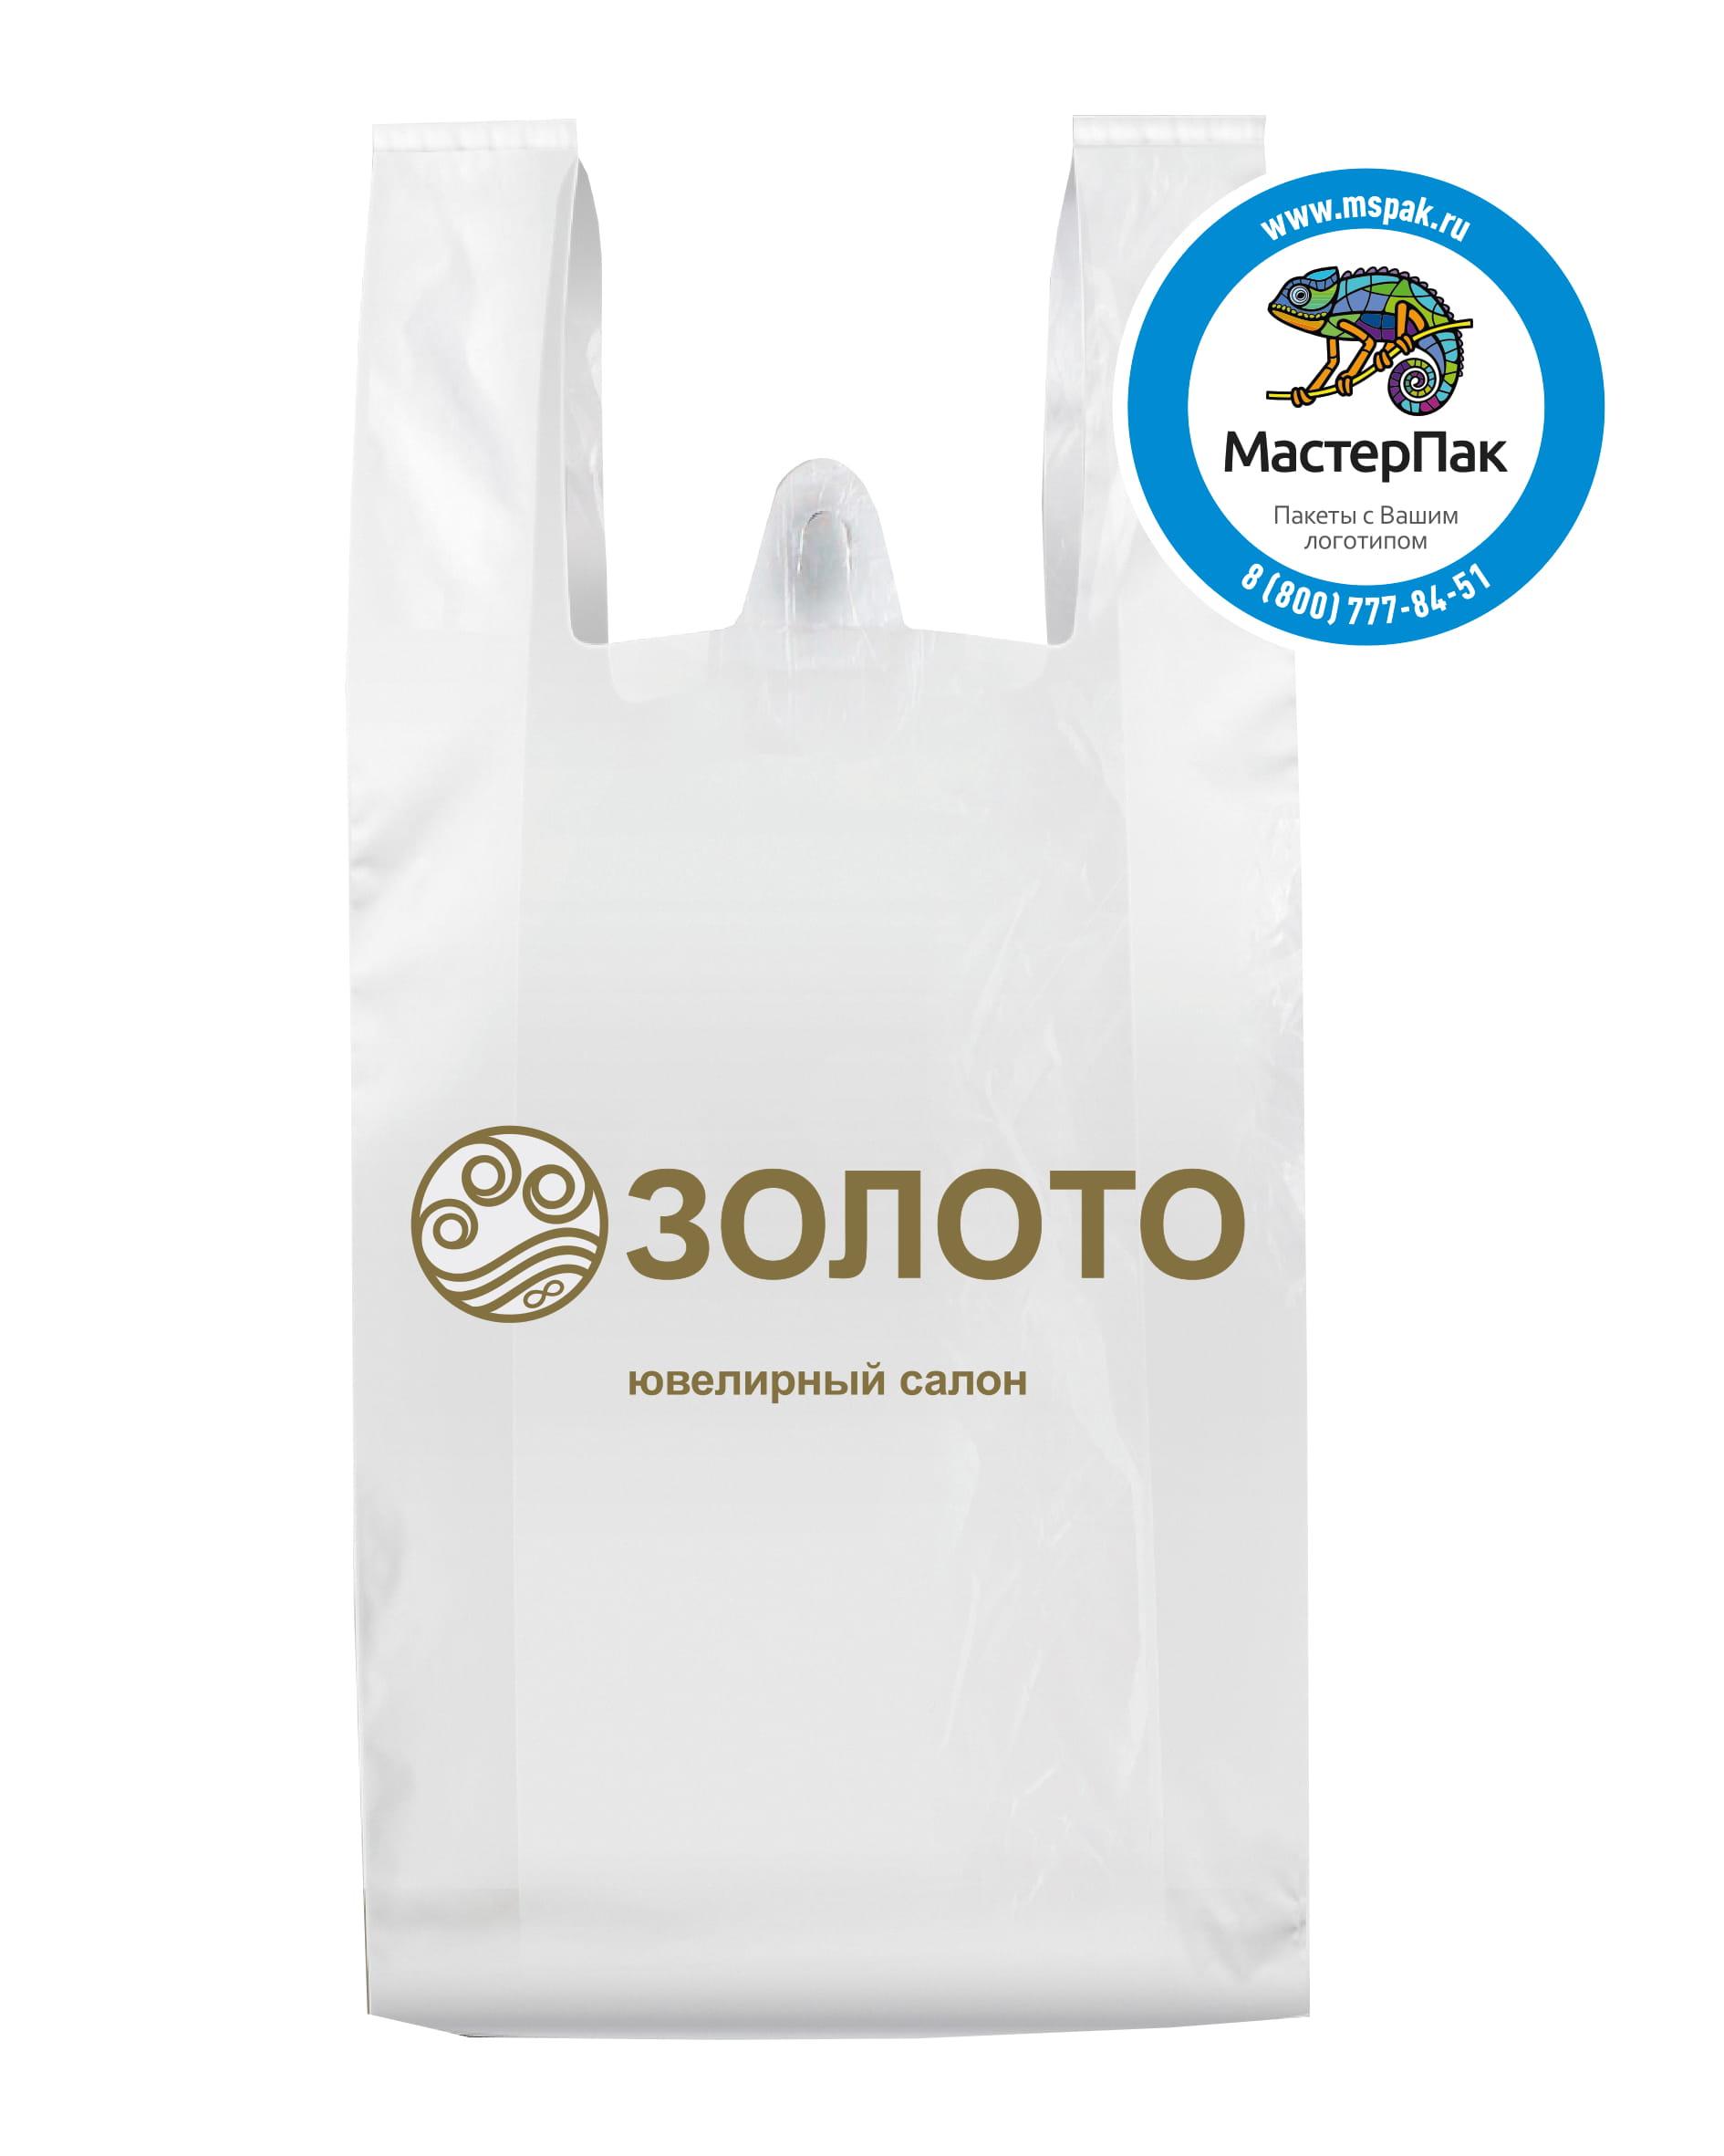 Пакет майка, ПНД, 23 мкм, с логотипом нанесенным в один цвет для ювелирной компании «Золото».